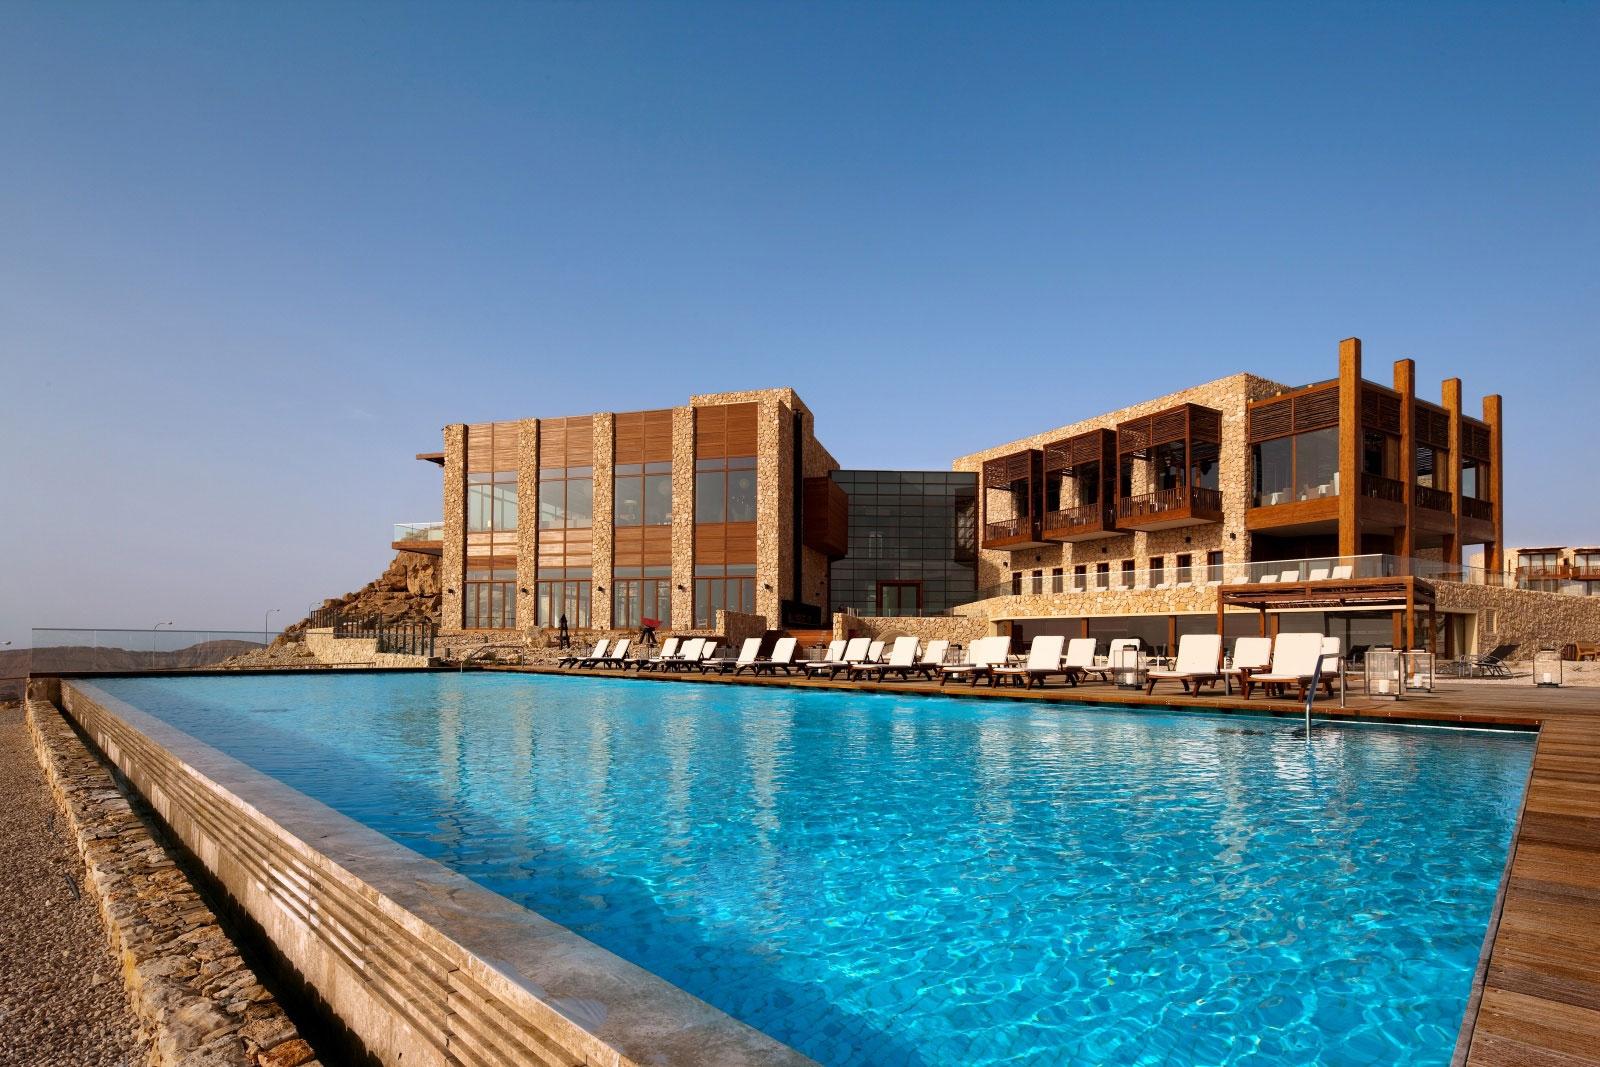 Элитная пятизвездочная гостиница Берешит в Израиле